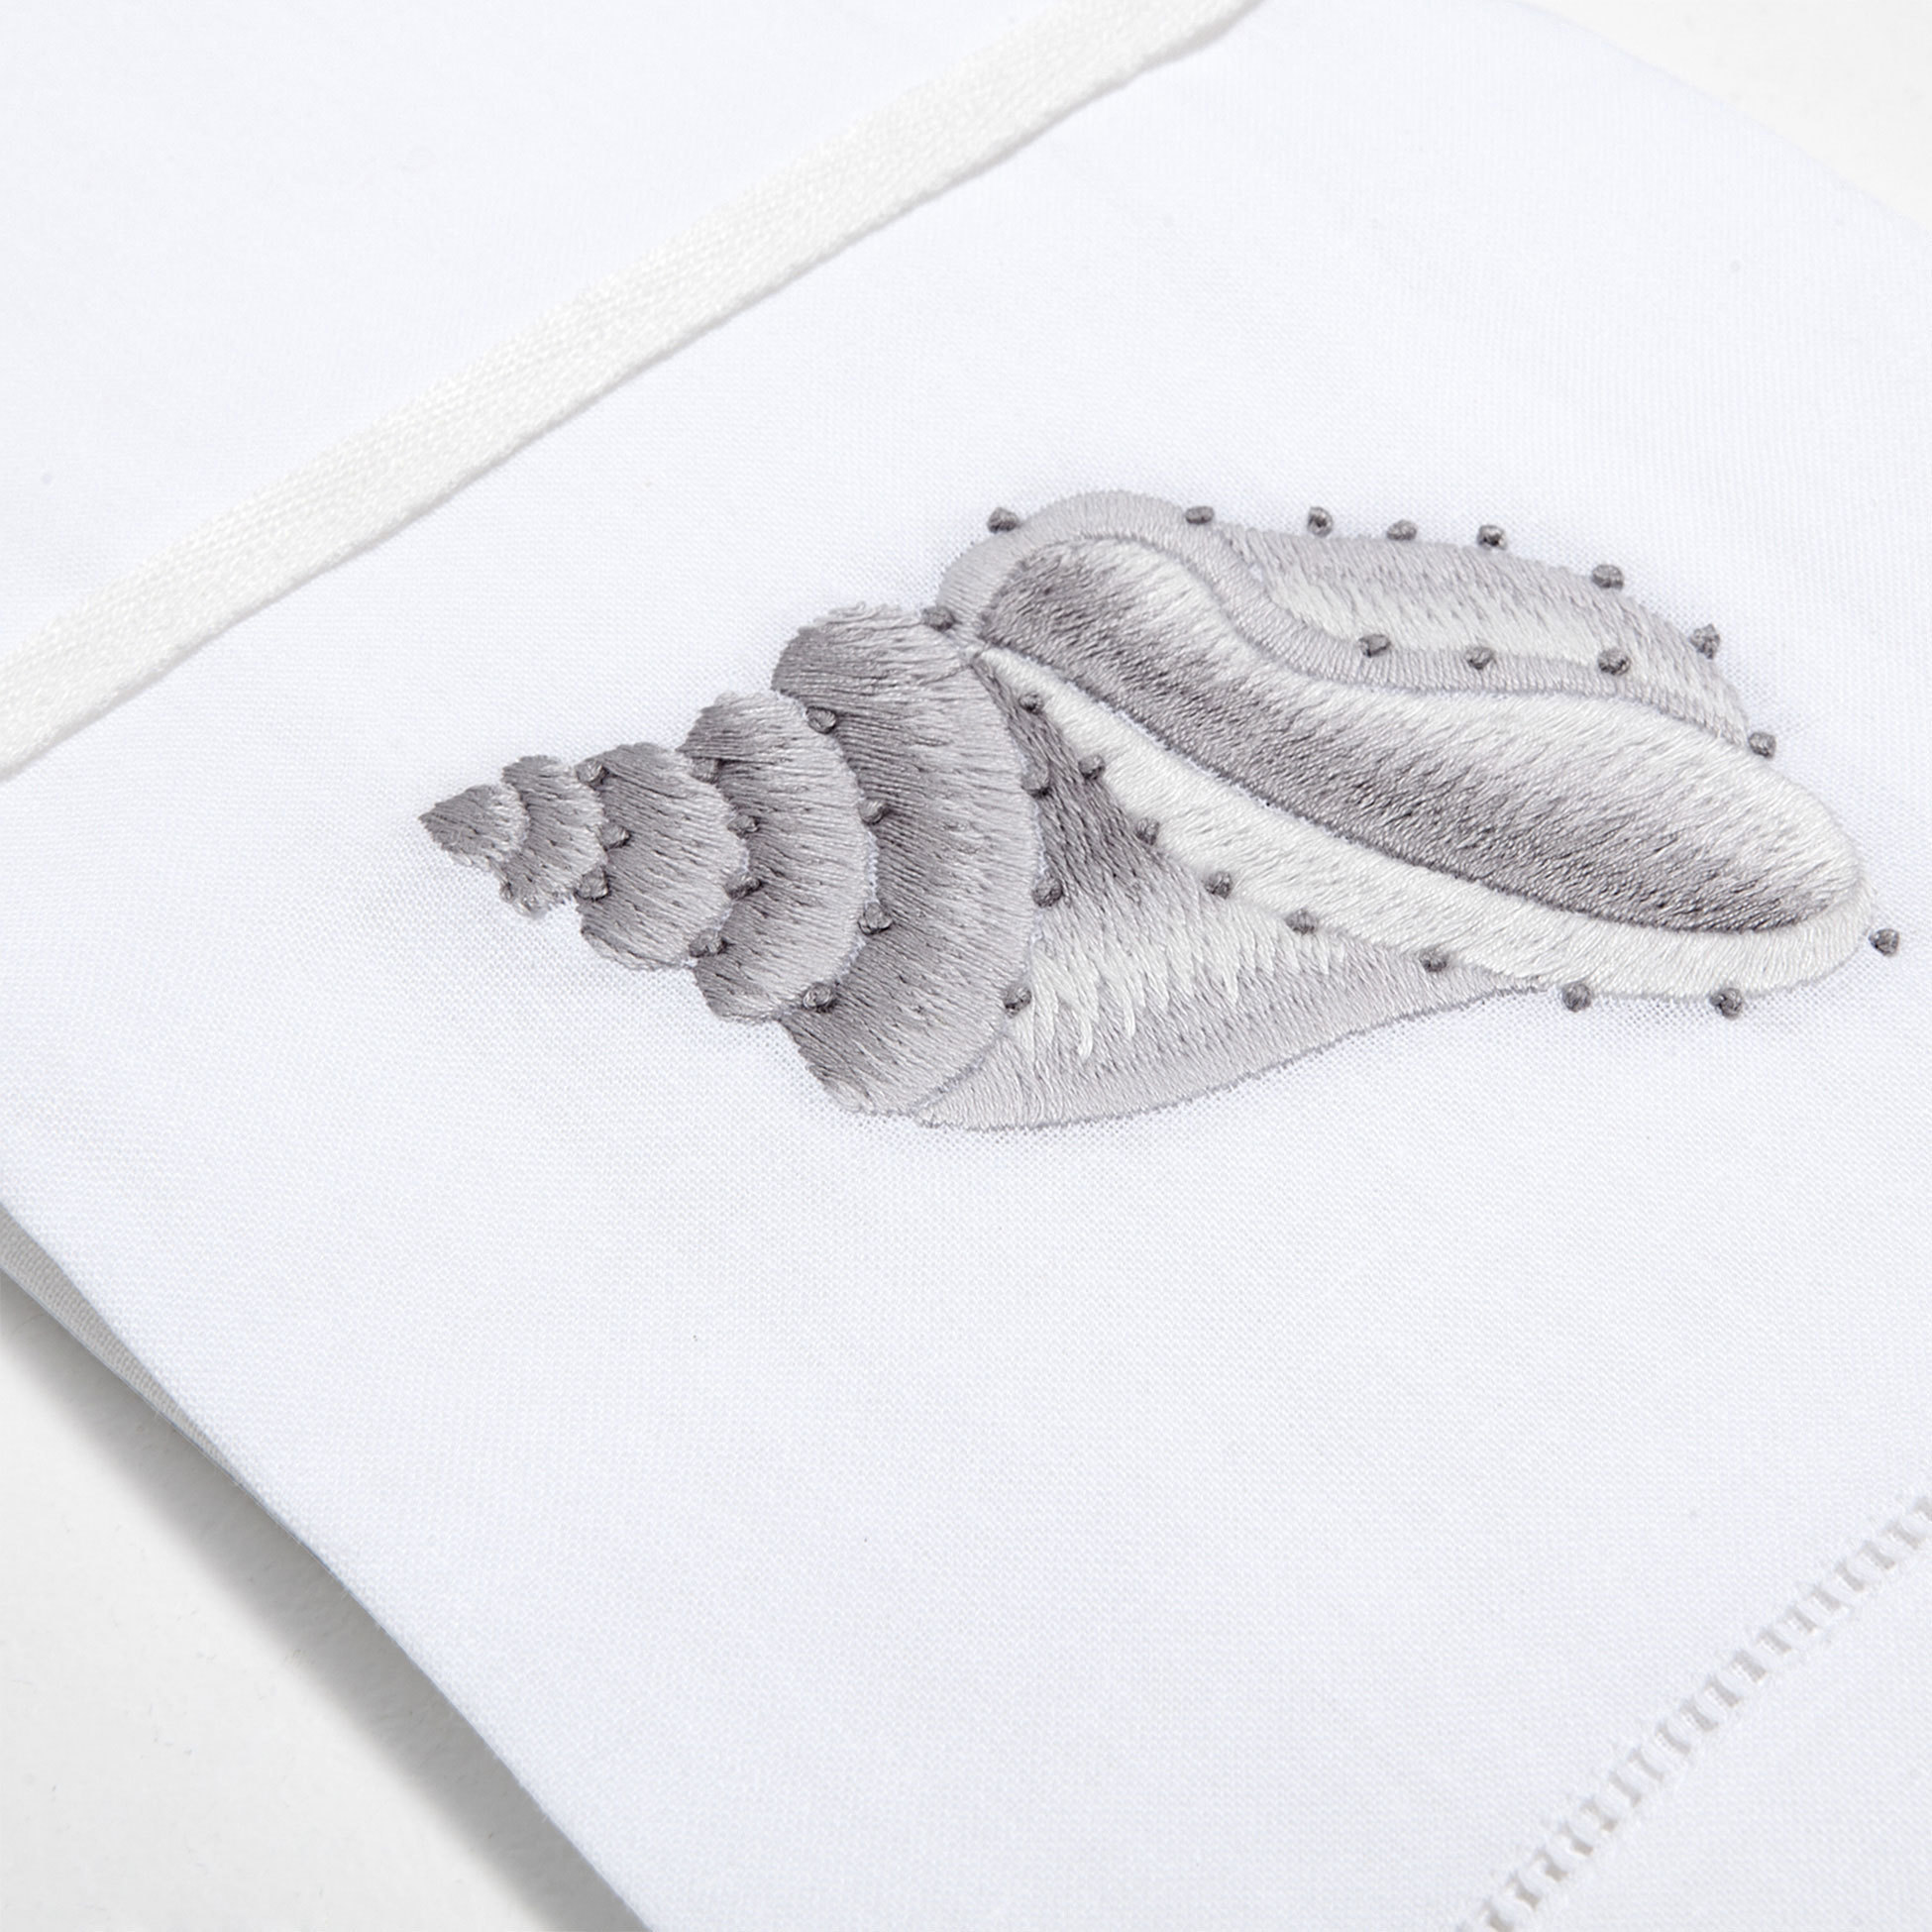 Дизайн машинной вышивки Красивая ракушка - 2 размера RPE-119